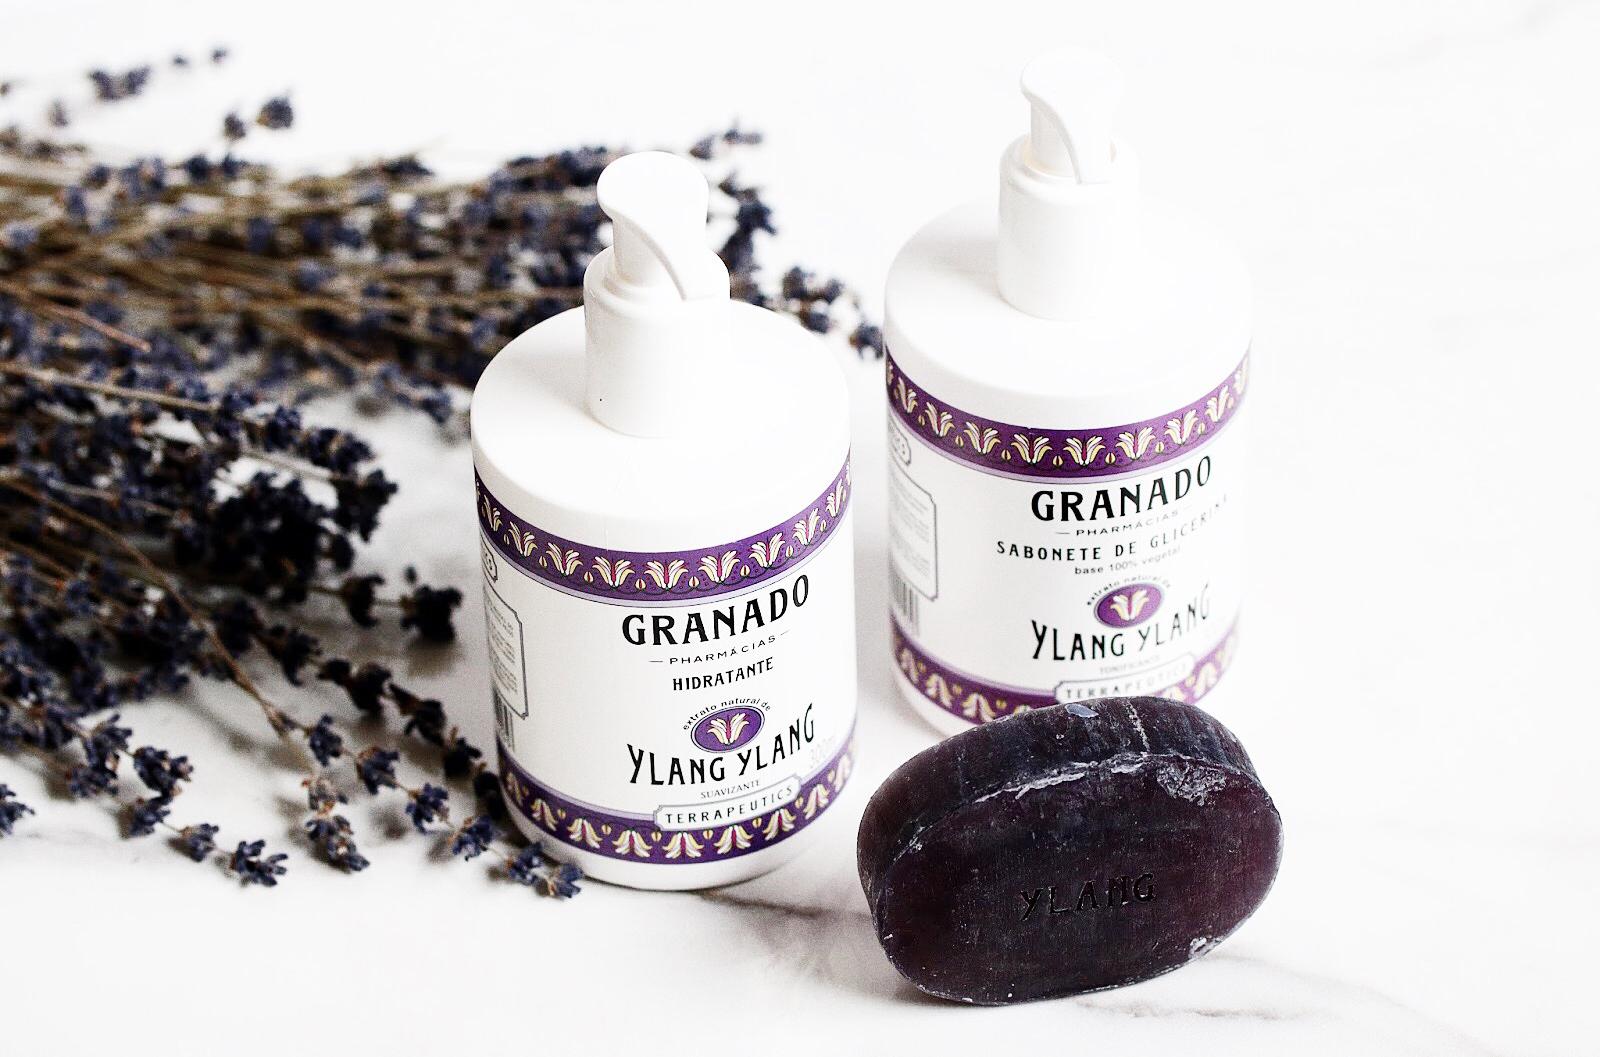 granado produits cosmetiques bresieliens bon marché avis